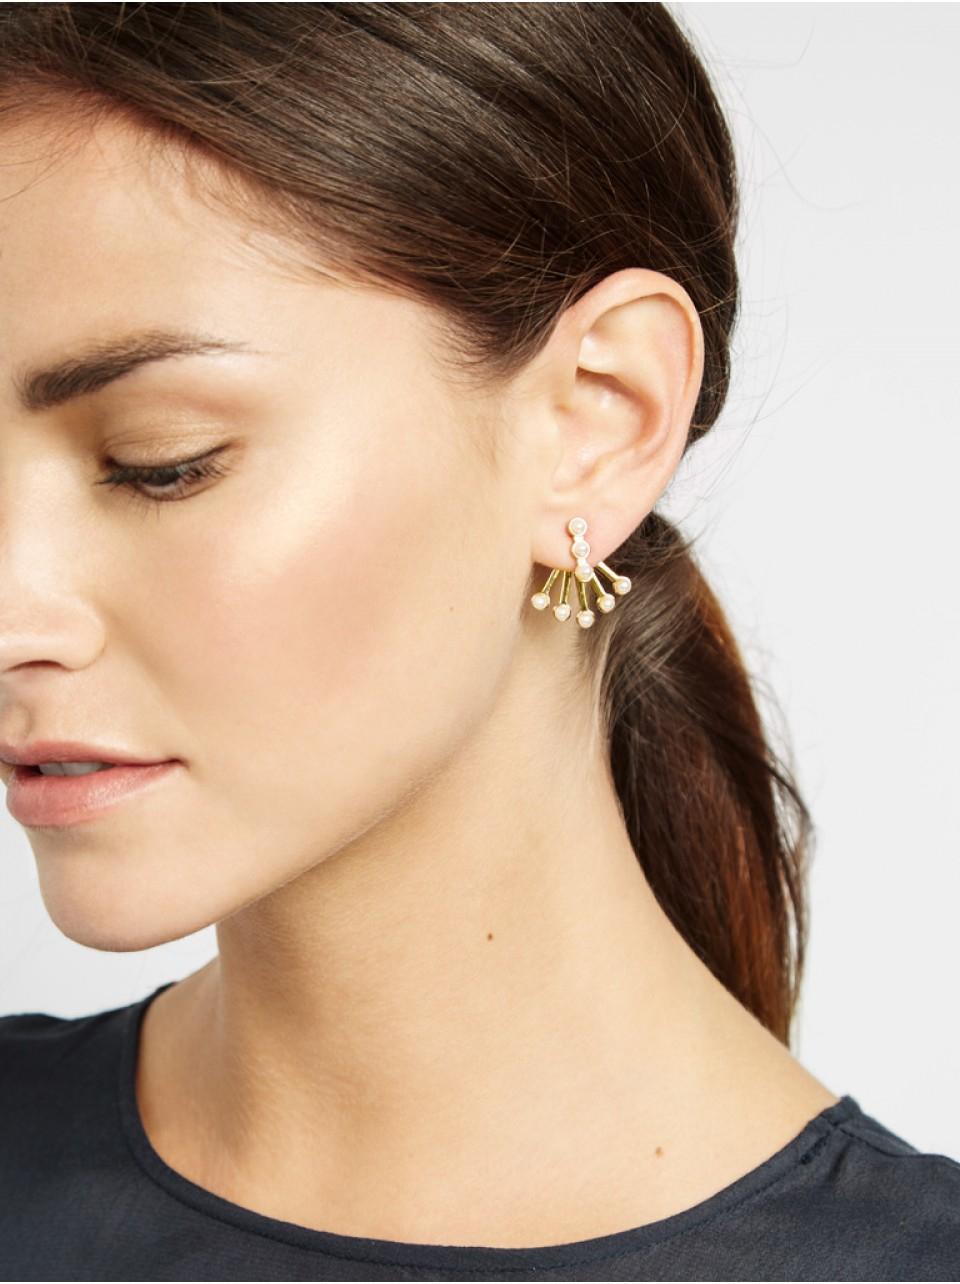 Gallery Women's Pearl Jewelry Women's Ear Jackets